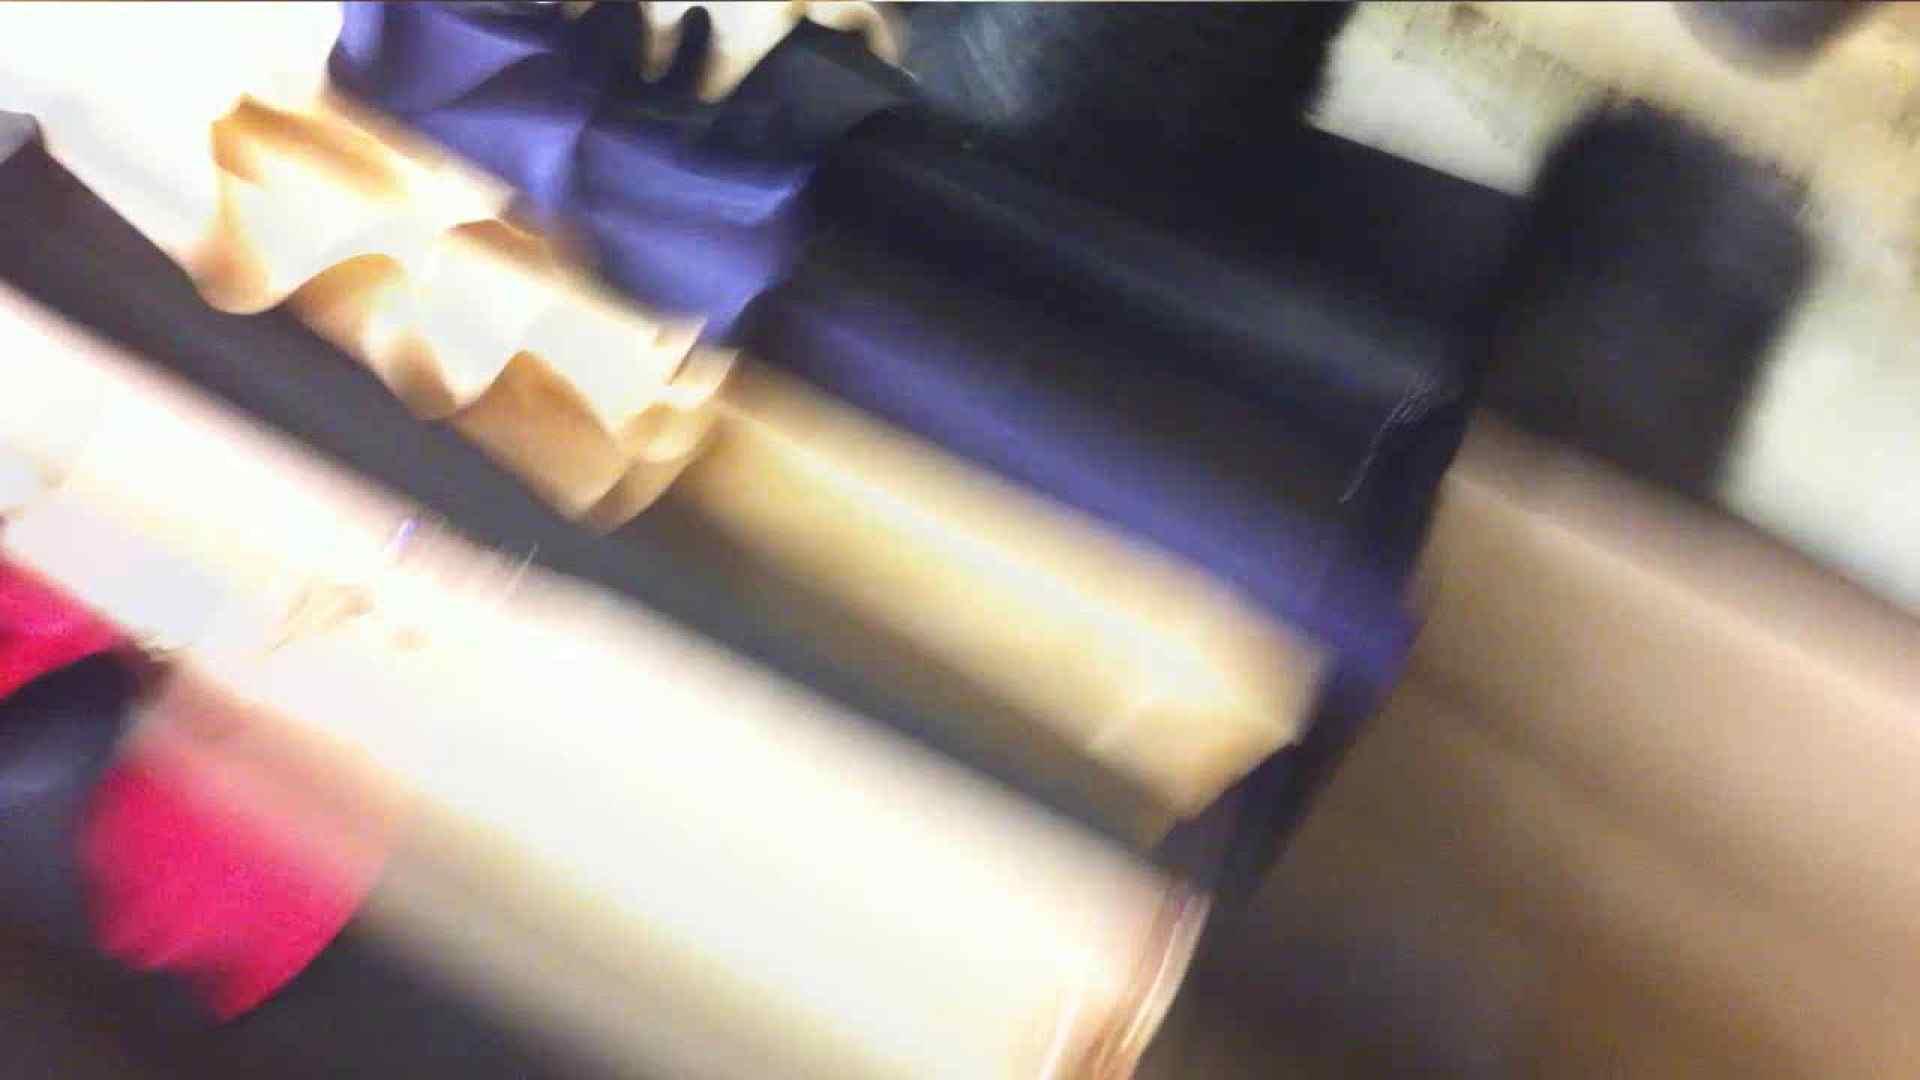 vol.40 美人アパレル胸チラ&パンチラ もっこりパンチラ! エロティックなOL 盗み撮り動画 91画像 80